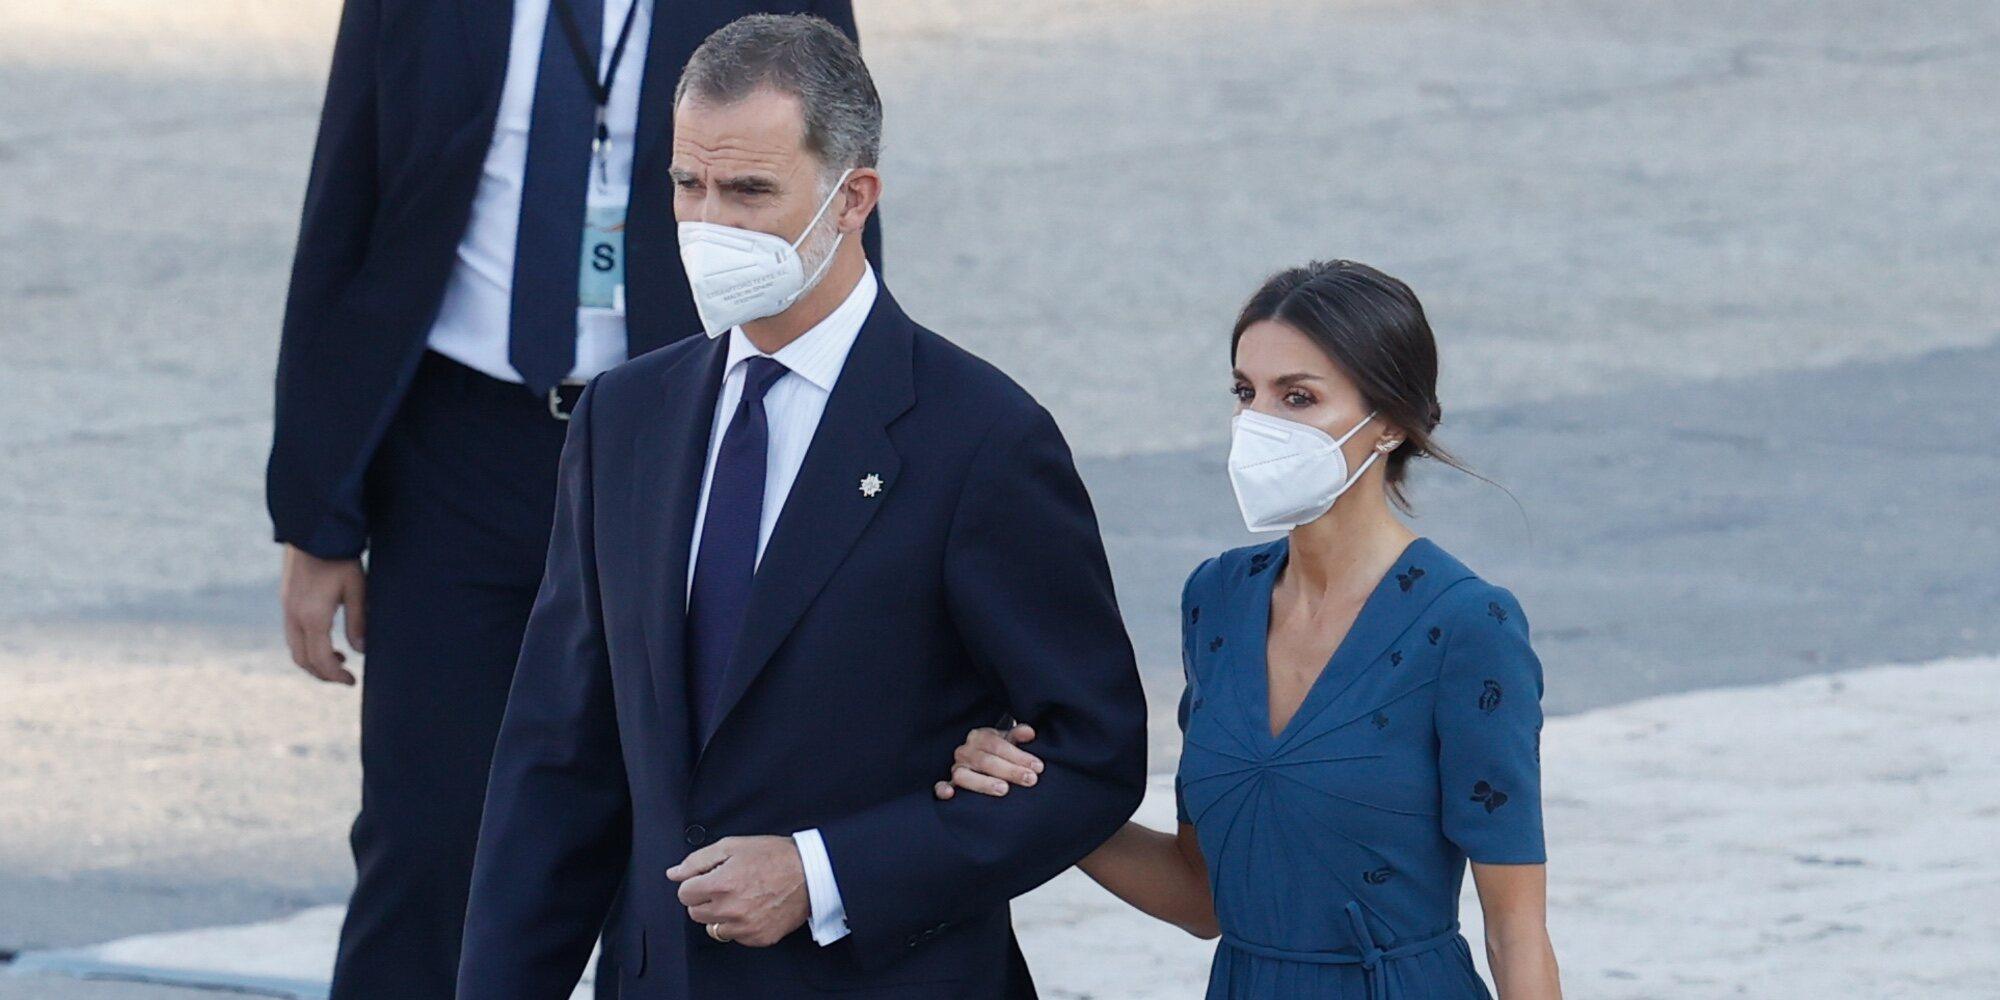 Los Reyes Felipe y Letizia presiden por segundo año consecutivo el acto homenaje por las víctimas del coronavirus